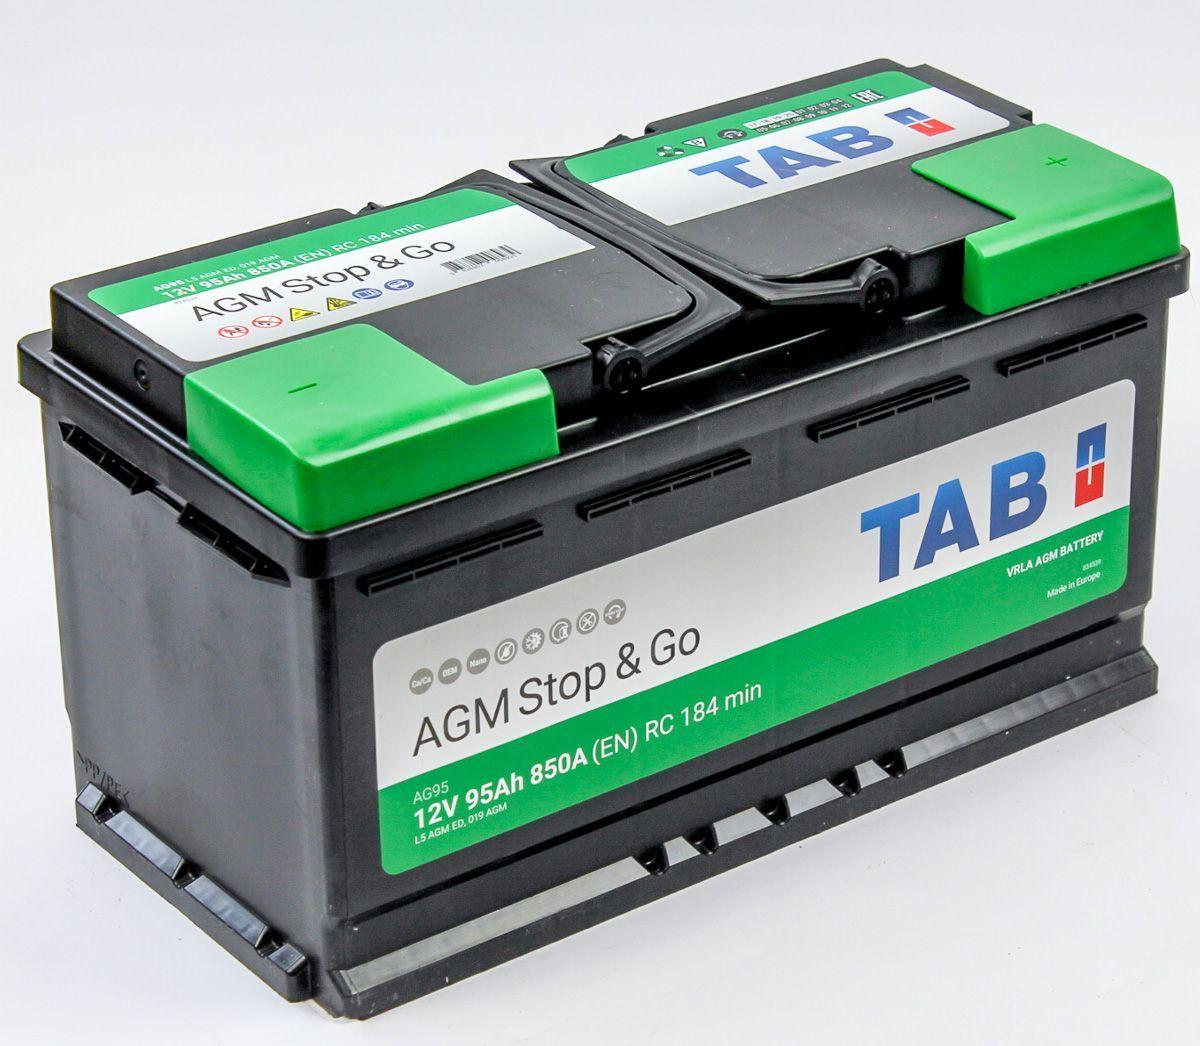 TAB AGM Stop&Go 95Ah 850A R+